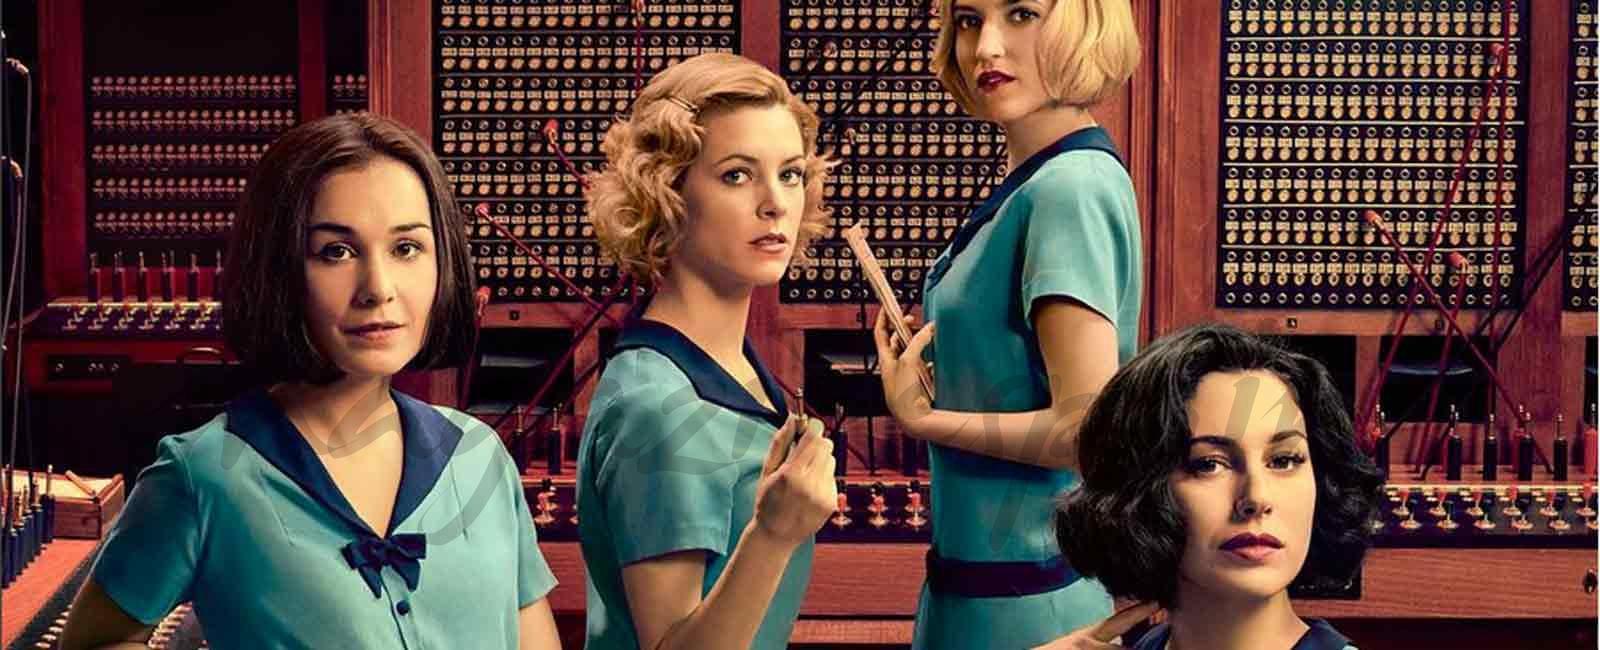 """""""Las chicas del cable"""" ya tiene fecha de estreno: el próximo 28 de abril"""